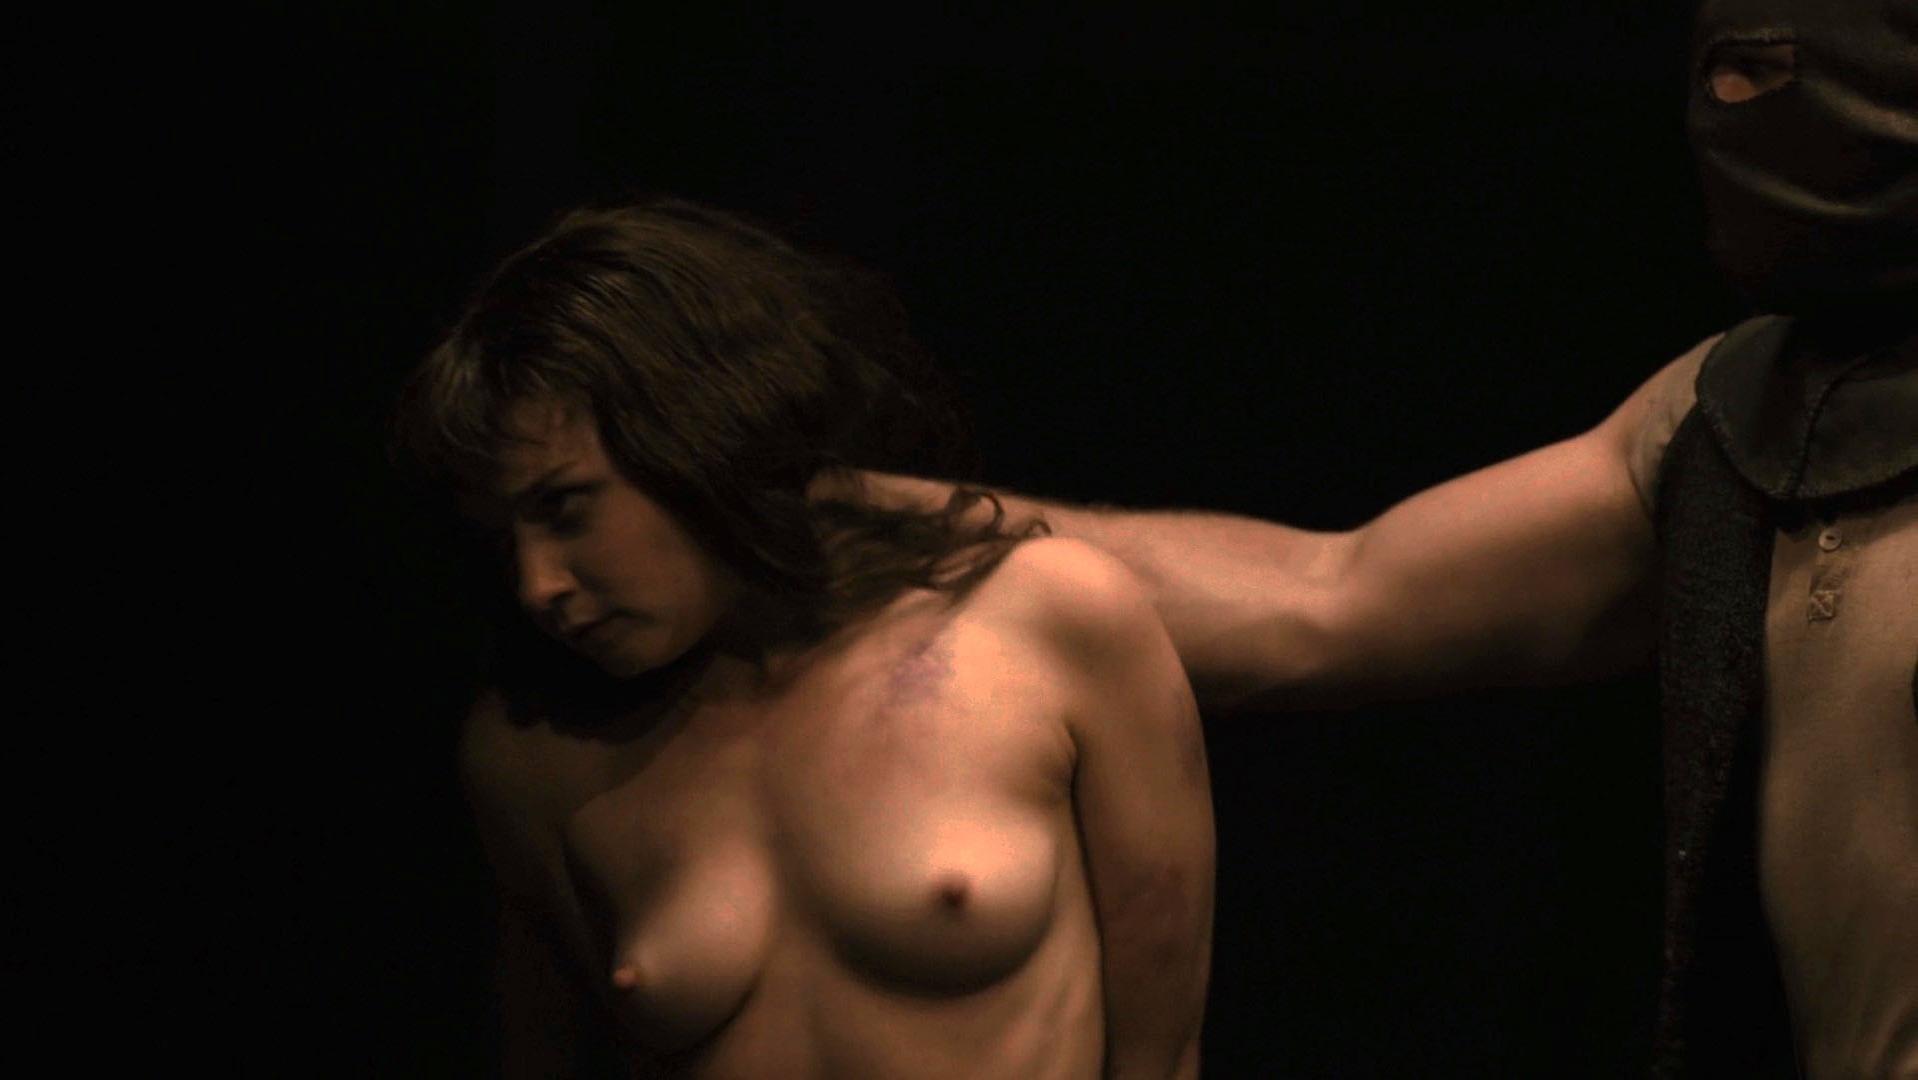 Jessica Barden nude - Penny Dreadful s03e02 (2016)